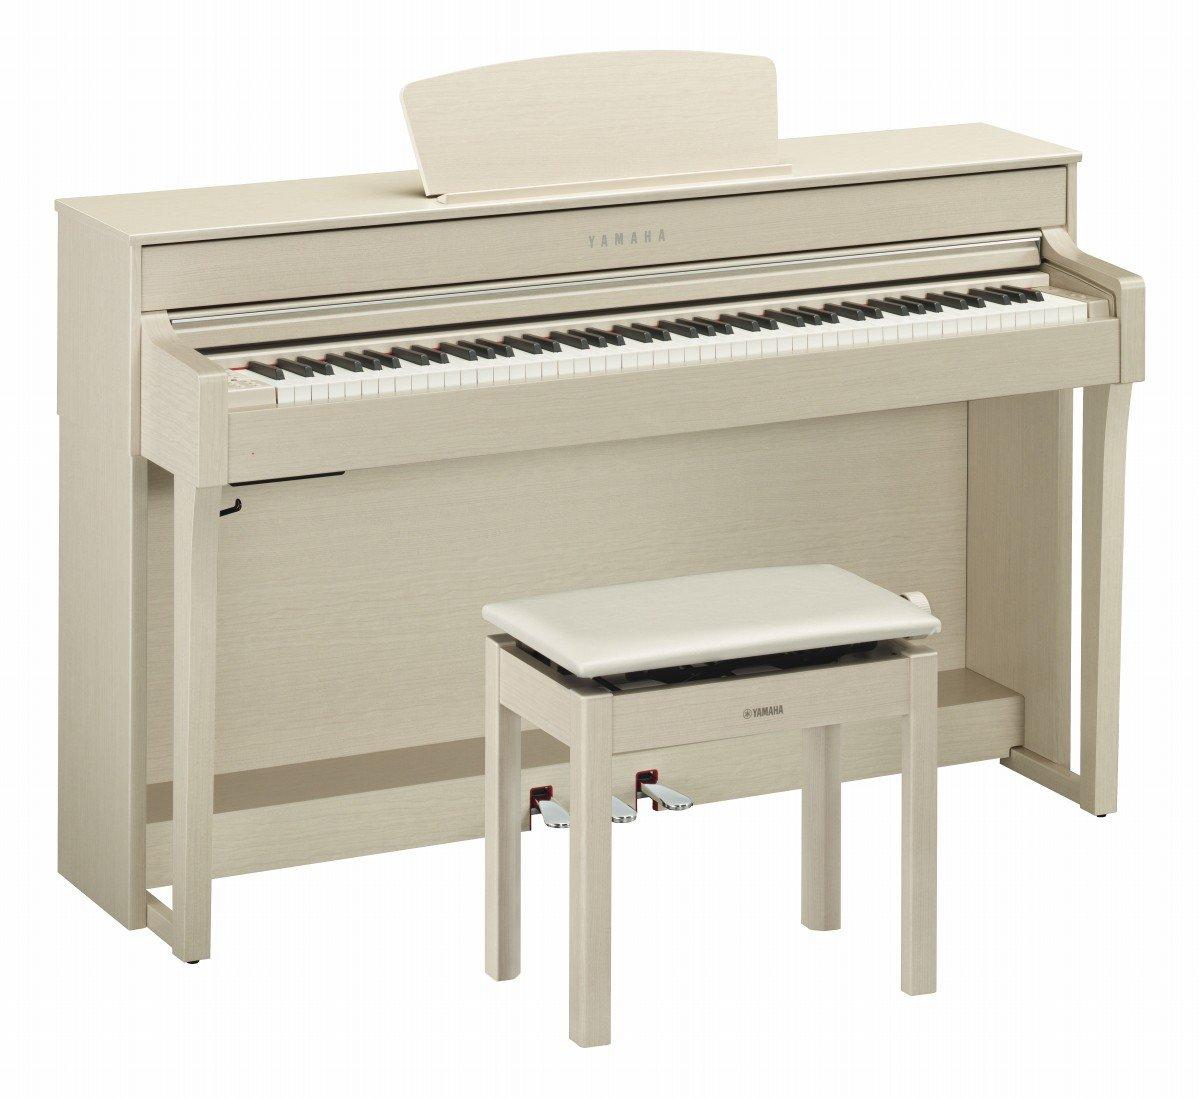 衝撃特価 ヤマハ 電子ピアノ(ニューダークローズウッド調)YAMAHA ヤマハ Clavinova(クラビノーバ) CLP-635R CLP-635R B06ZYY5WKB ホワイトアッシュ調 B06ZYY5WKB ホワイトアッシュ調, いいもん:70781f17 --- importexportdigital.com